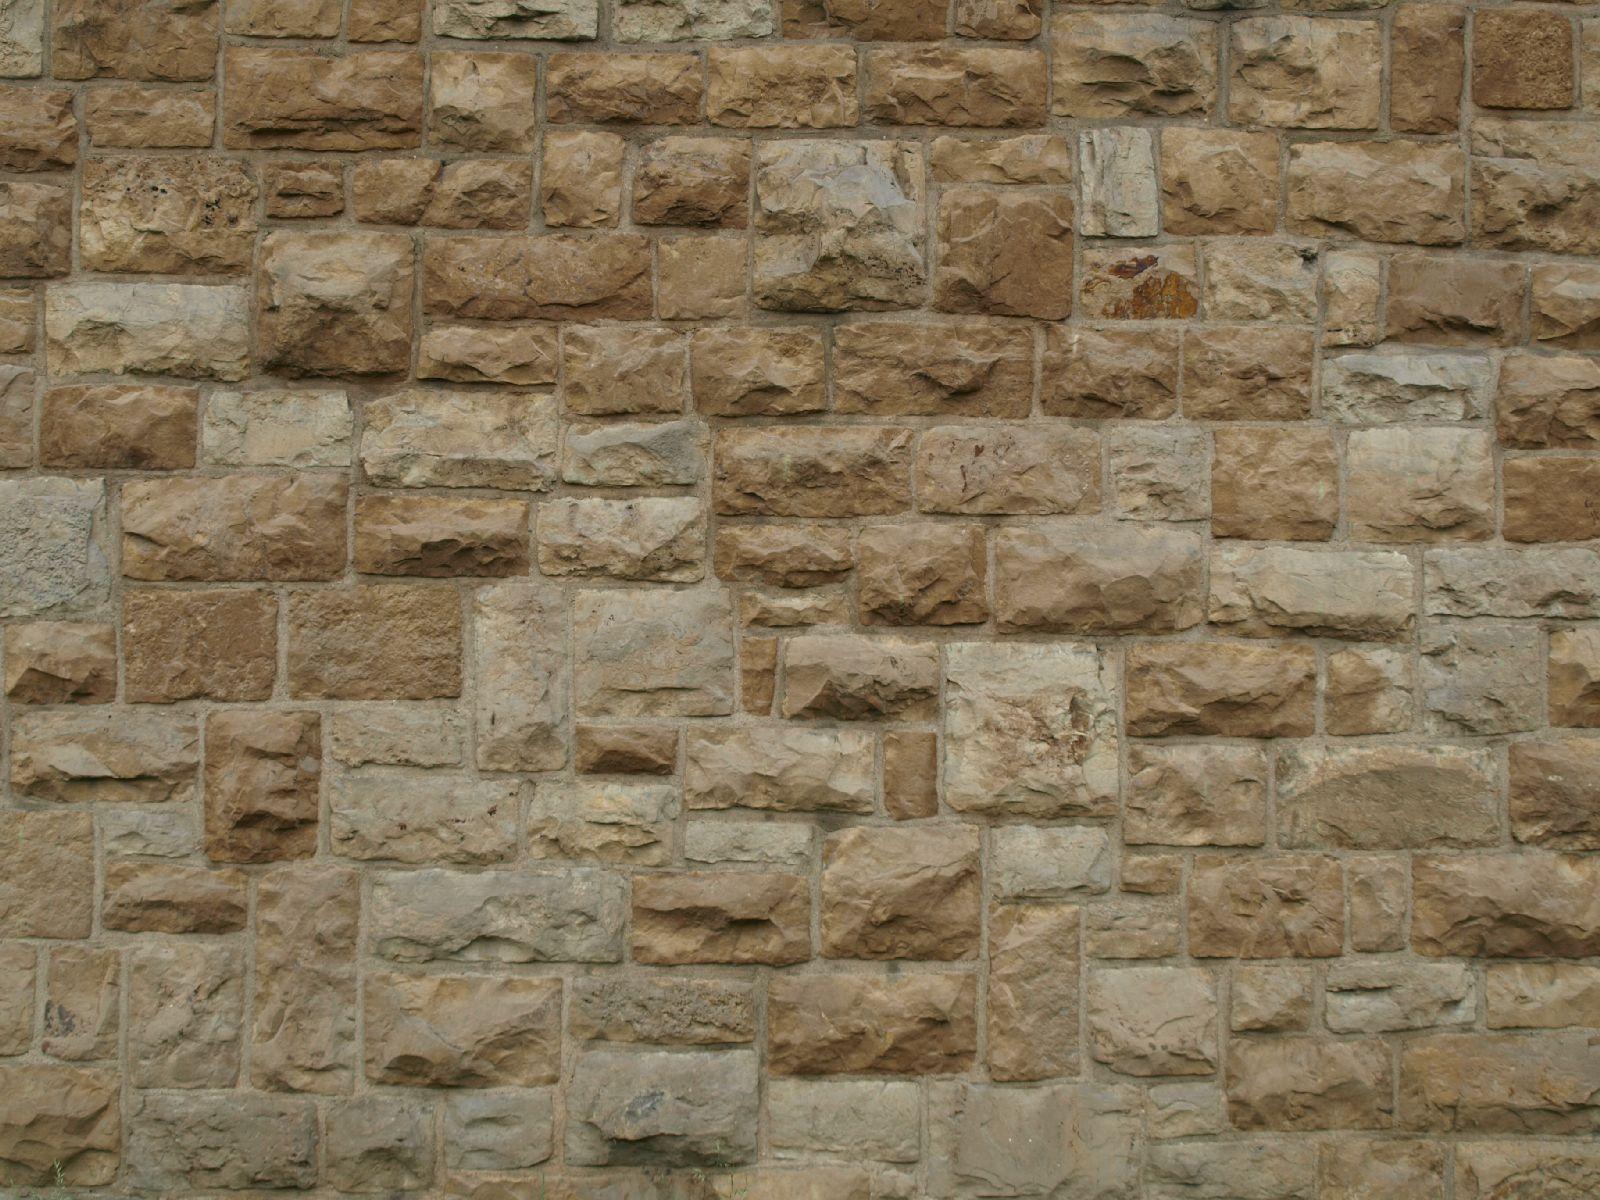 Brick_Texture_A_P6083337